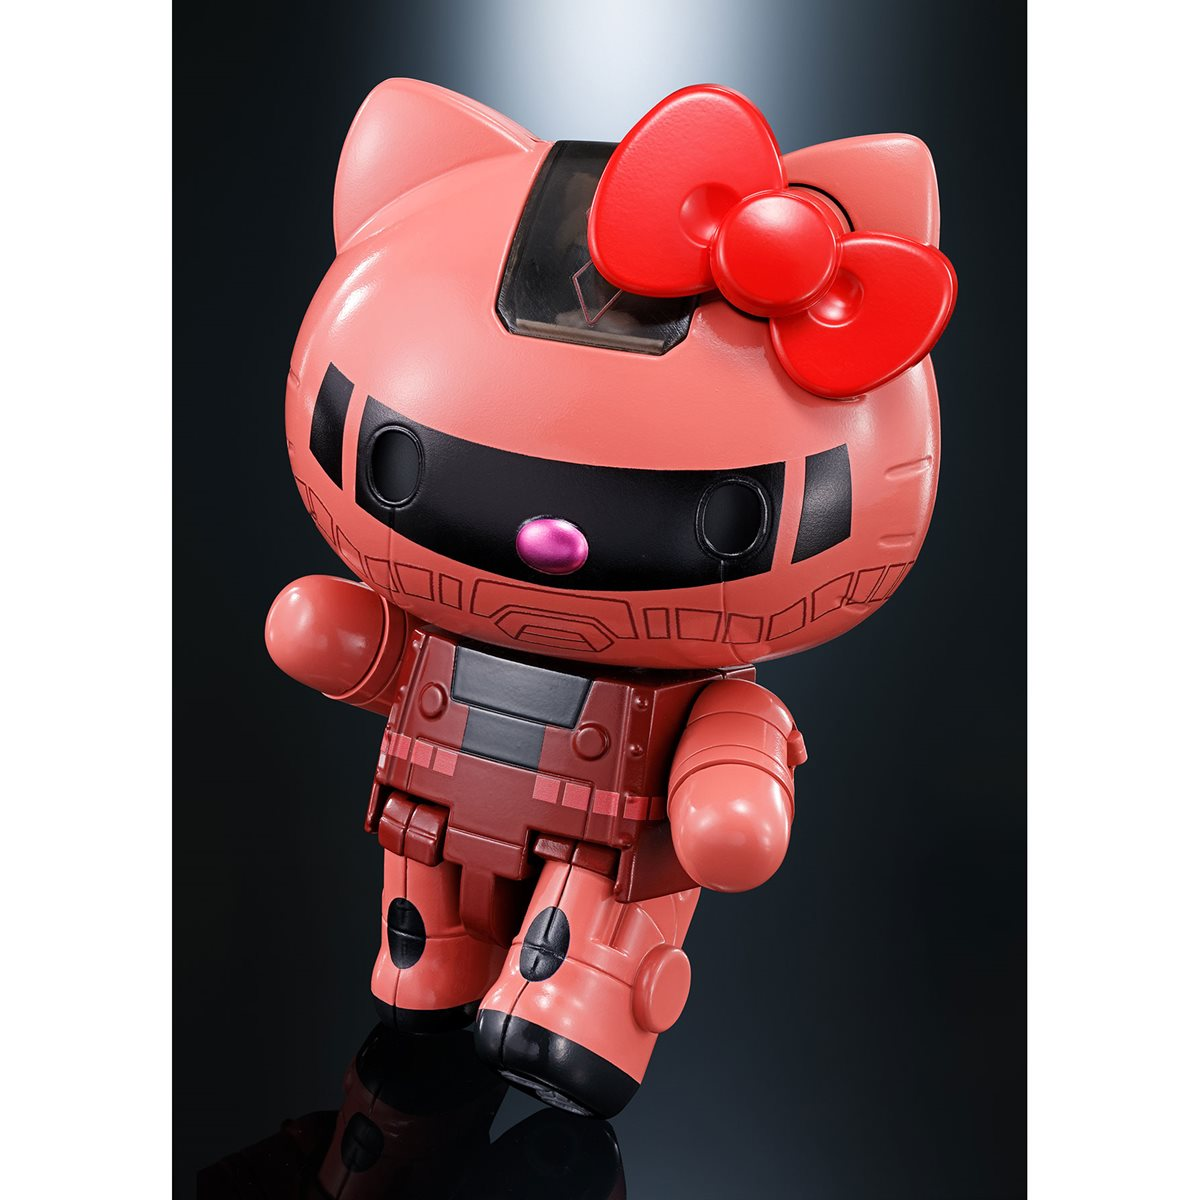 Bandai Tamashii Nations Gundam Char/'s Zaku II x Hello Kitty Chogokin Figure